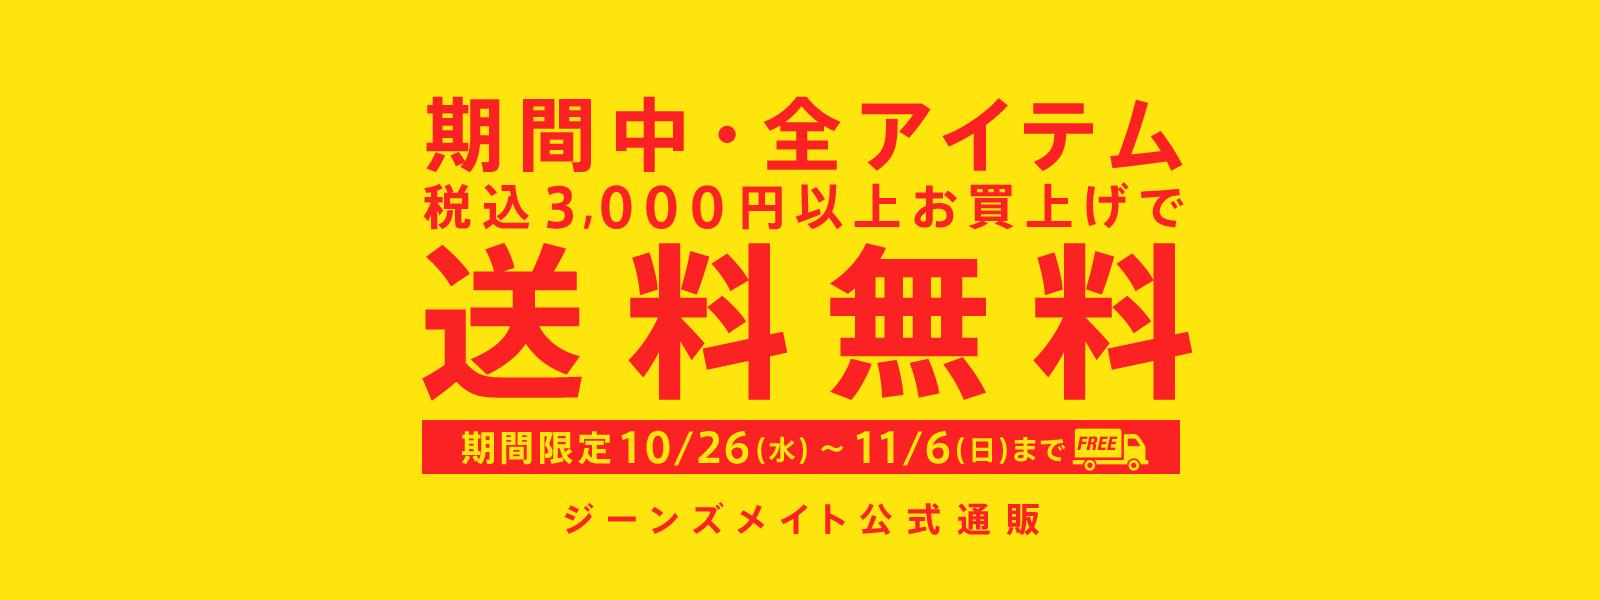 期間中・全アイテム 税込3,000円以上お買上げで送料無料! ジーンズメイト公式通販サイト